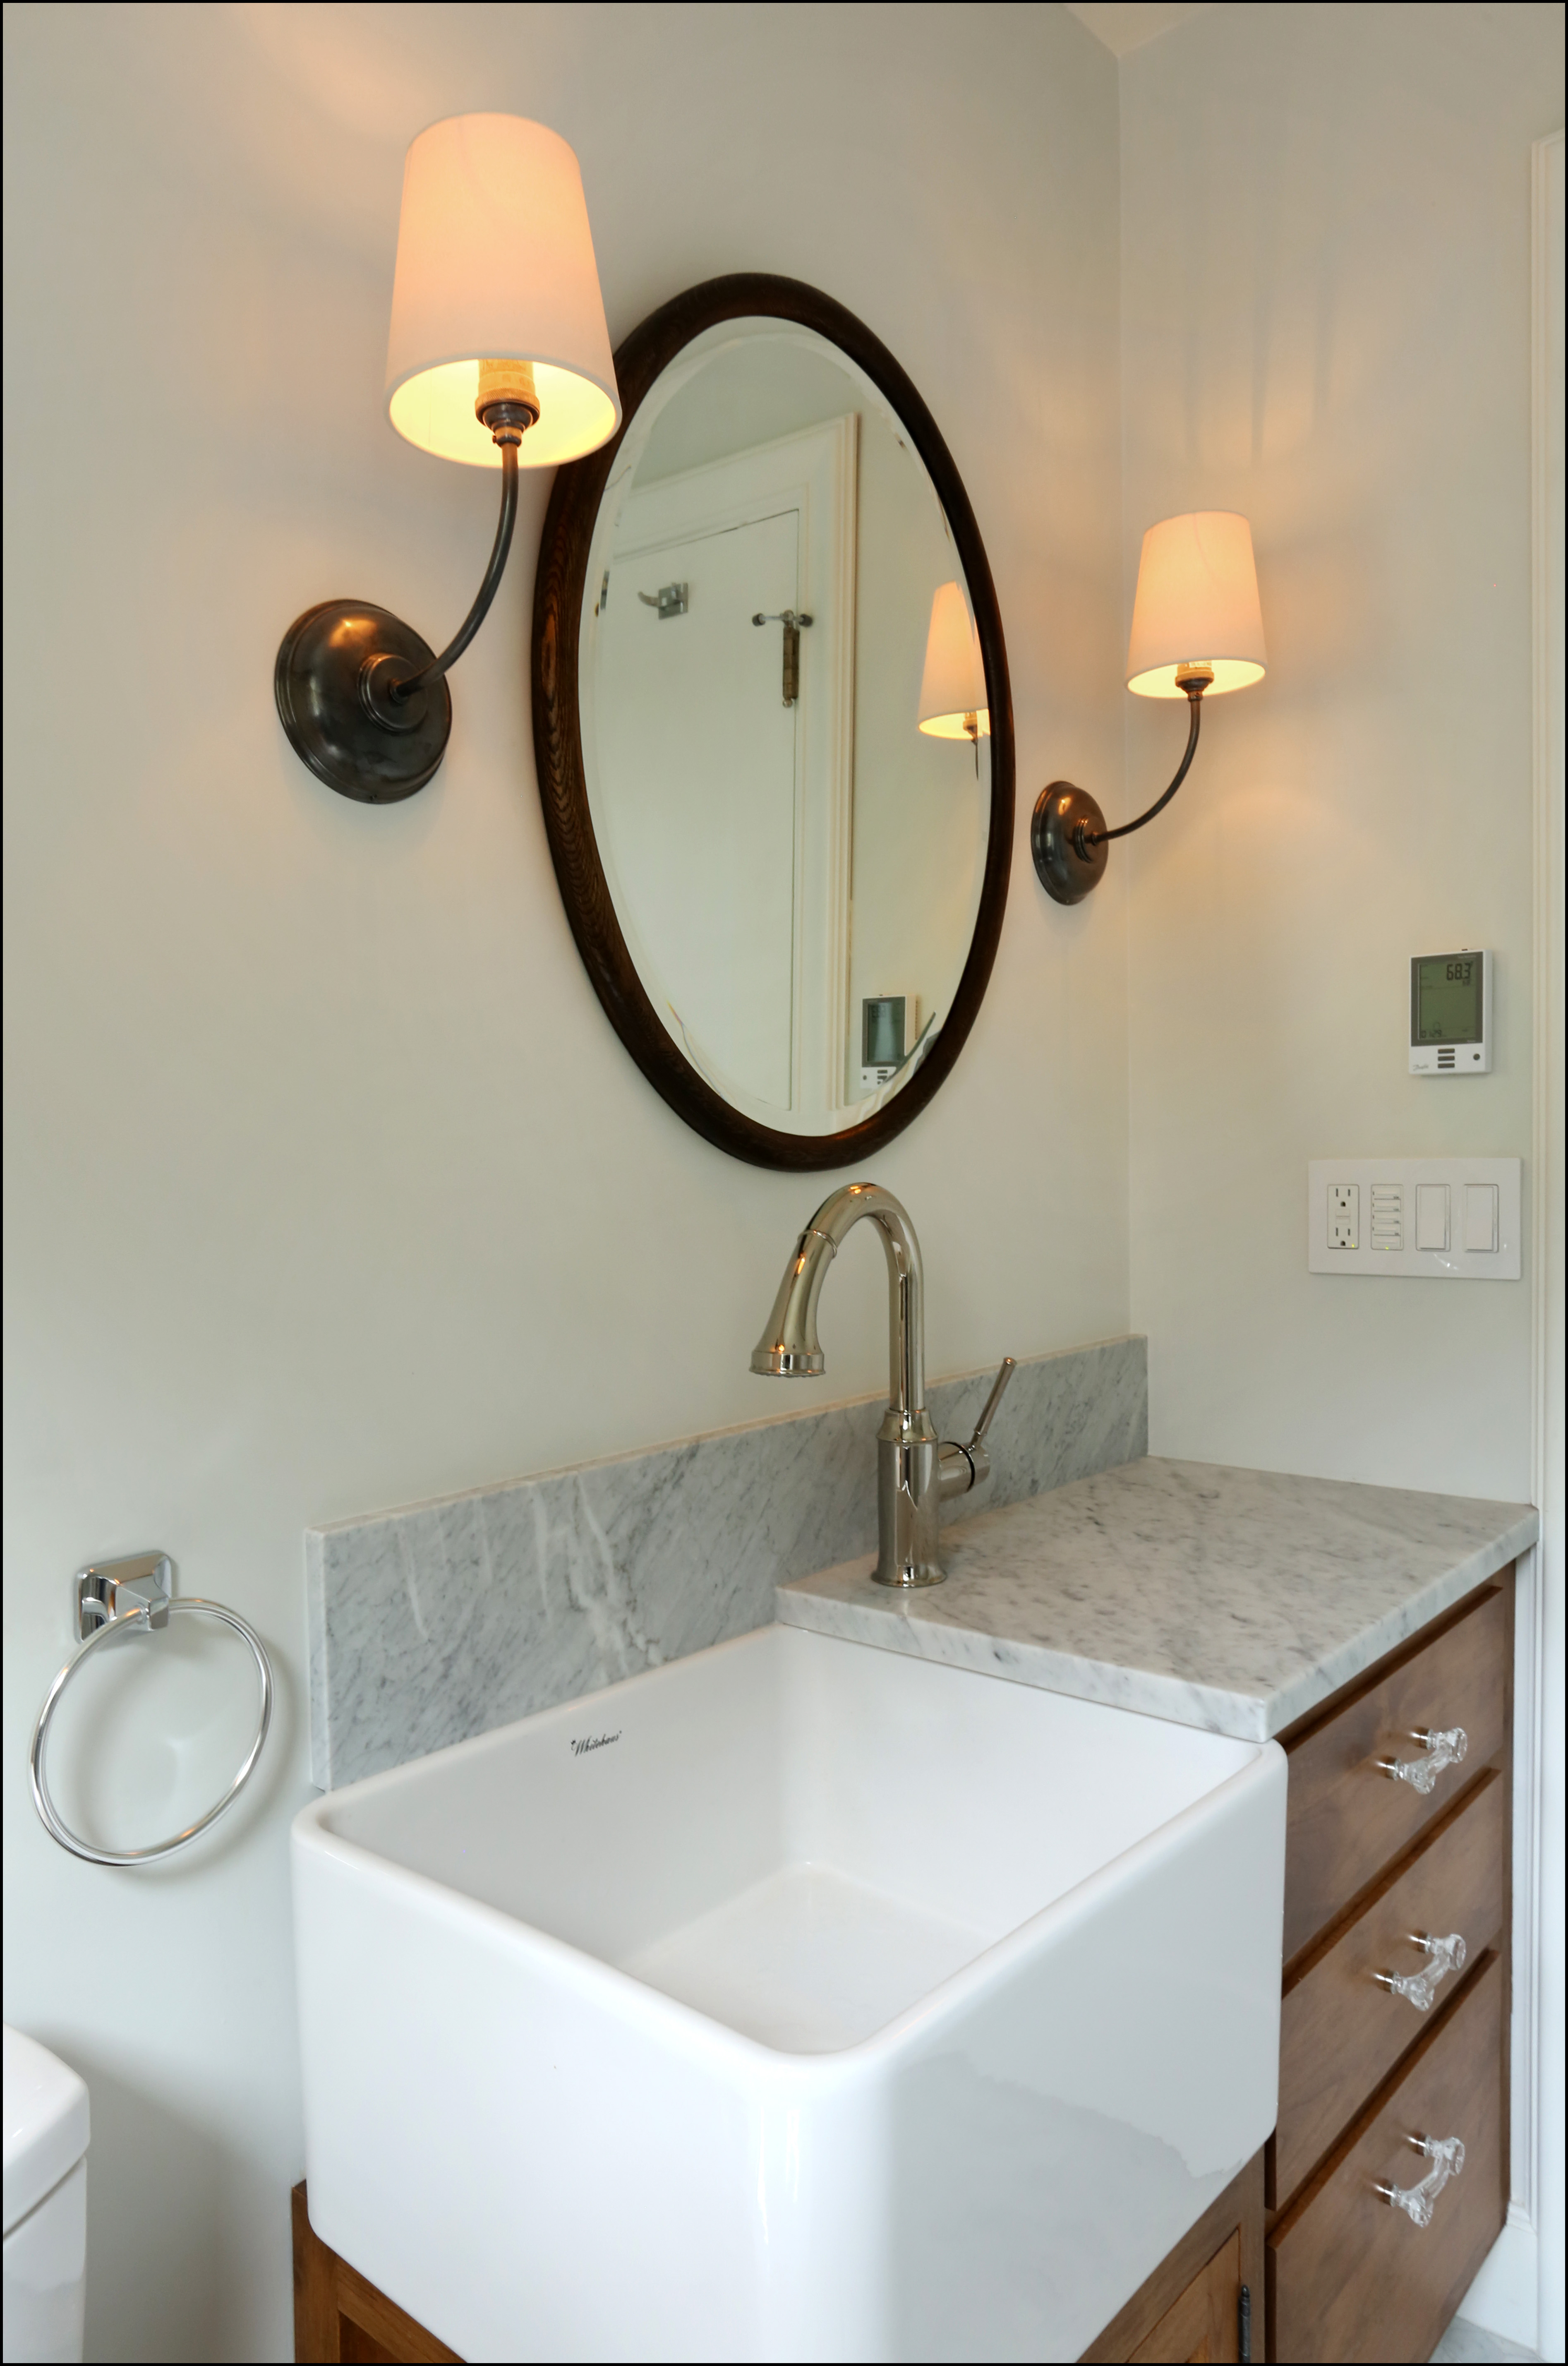 Extra deep bathroom sink - Hirschshimizu_1926_bathrm2_a_6_p_pro